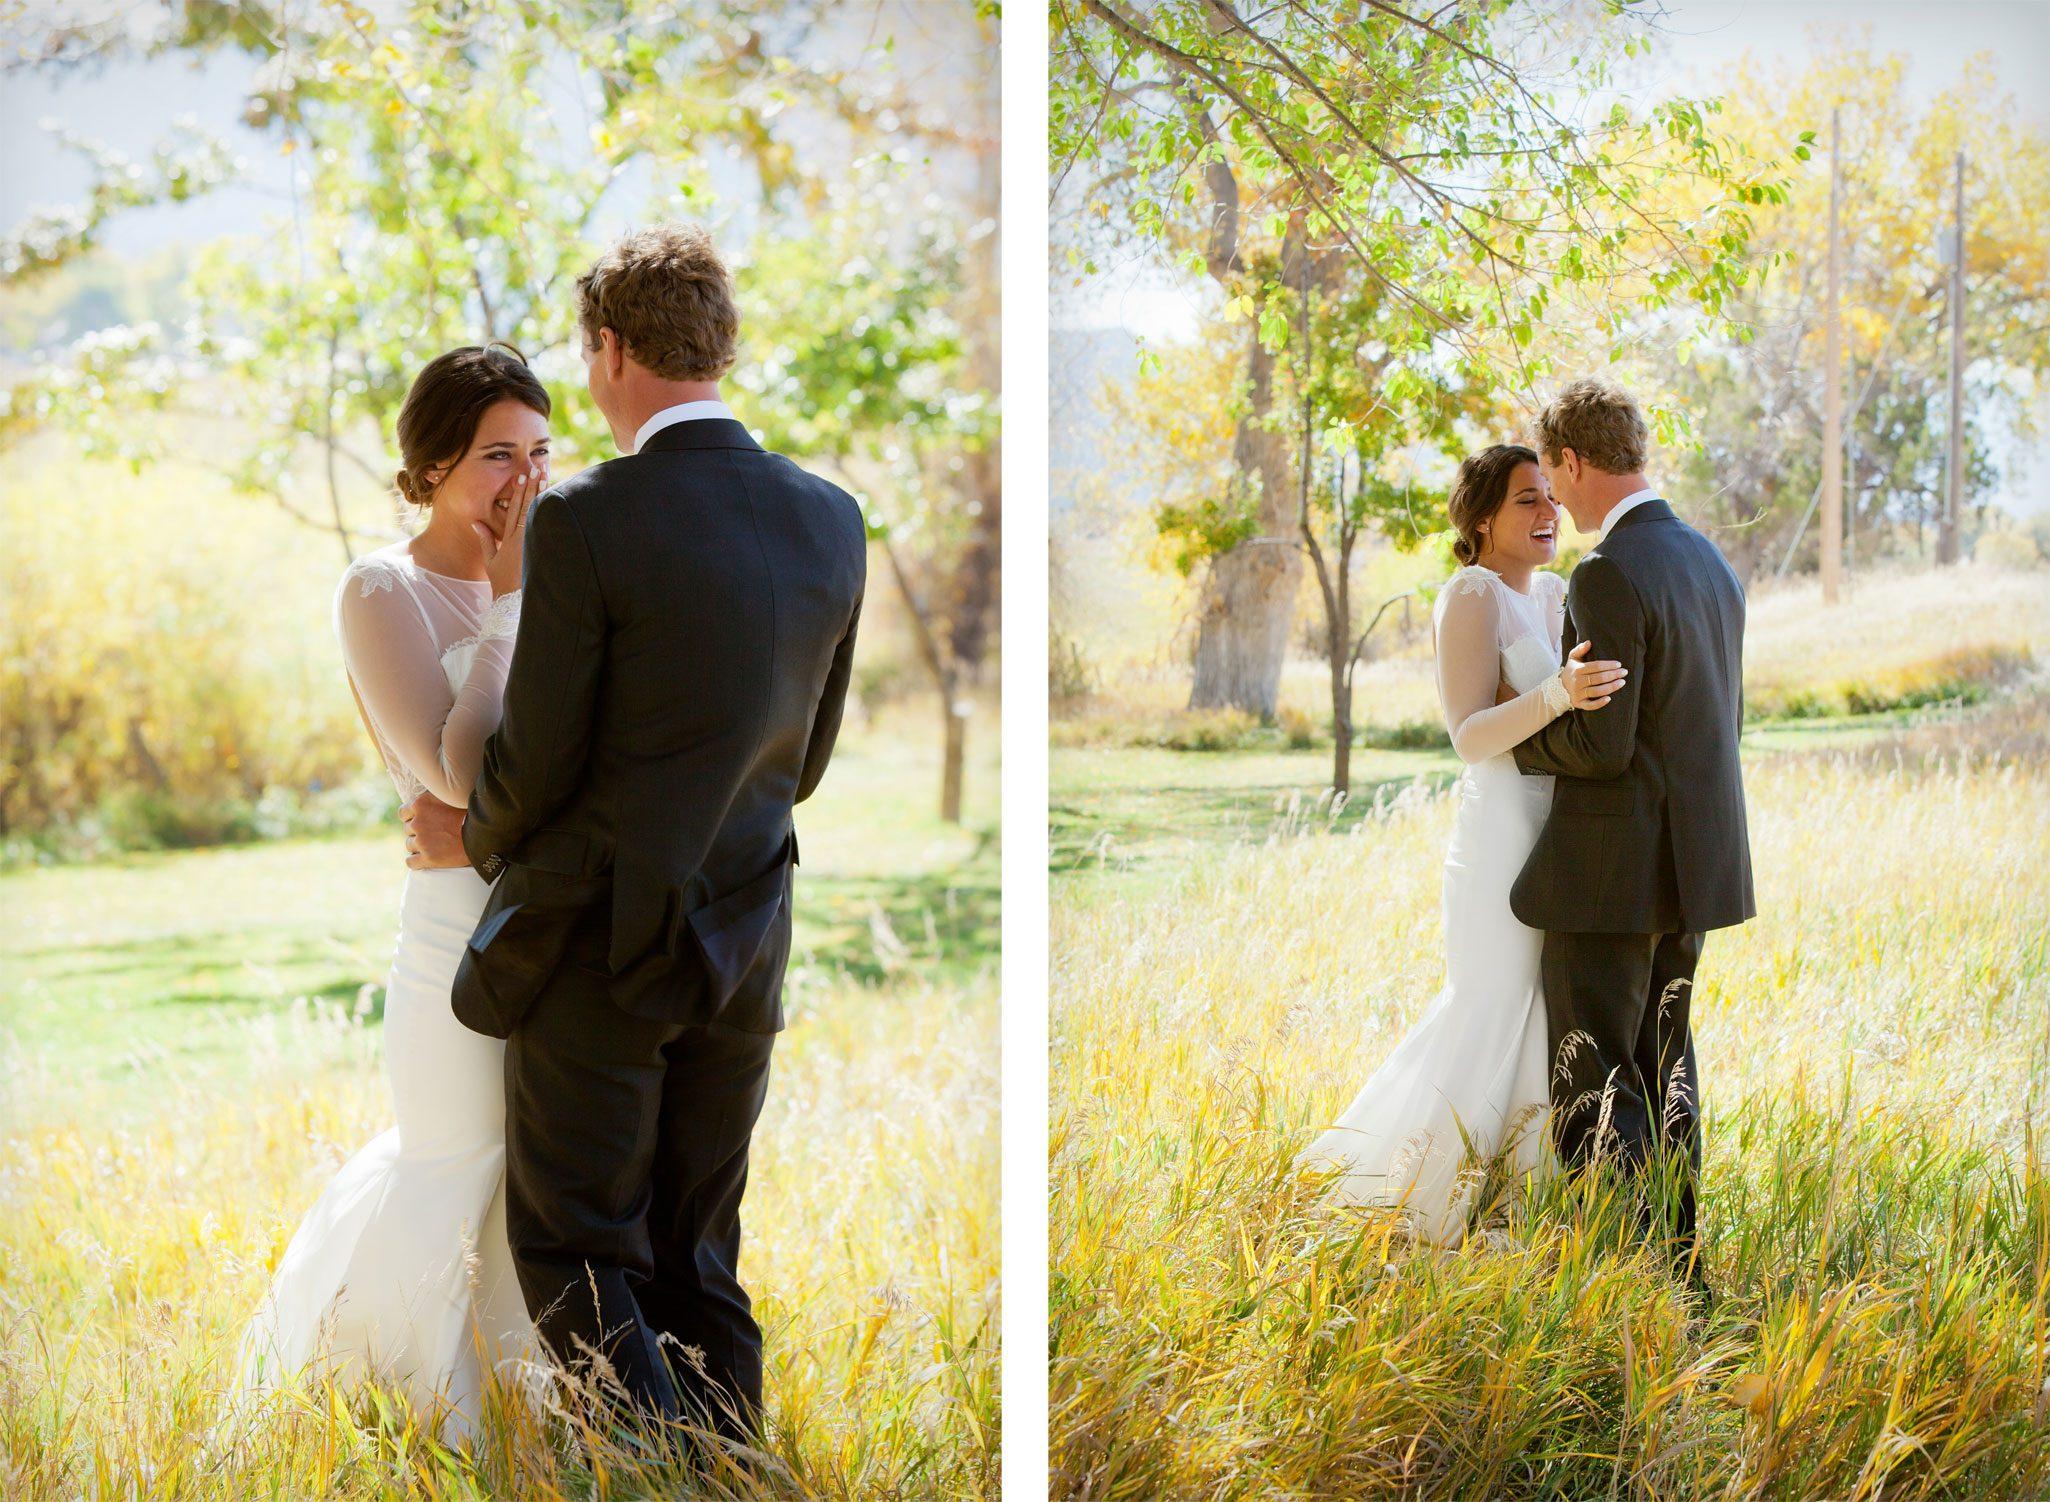 Bride & Groom   An Outdoor Autumn Wedding in Mancos, Colorado